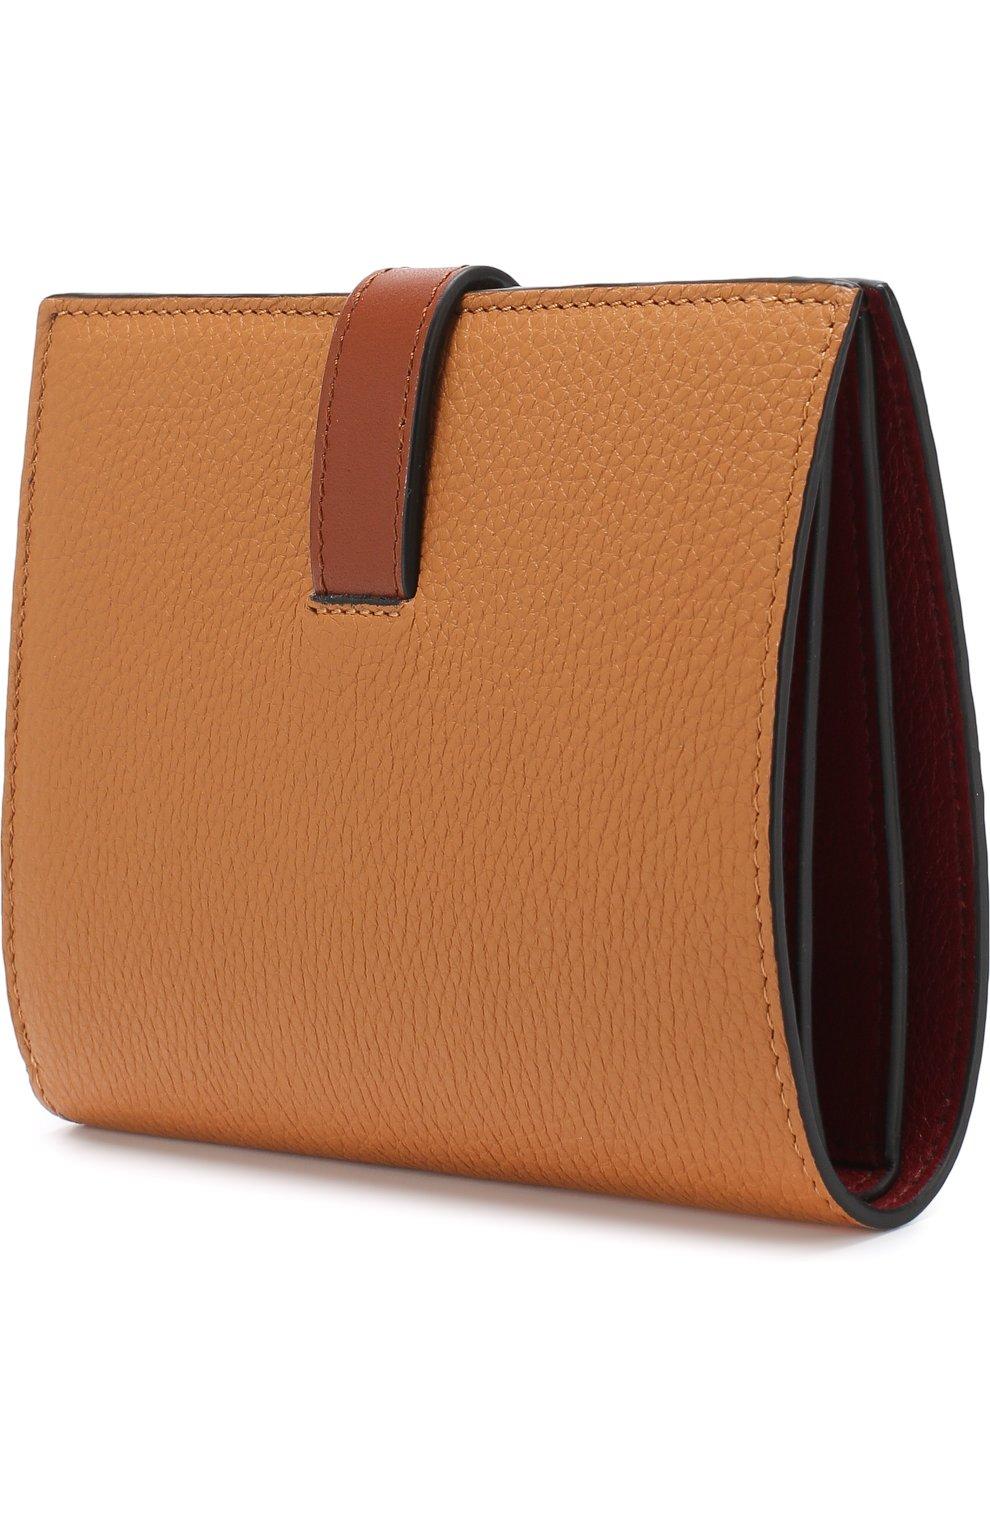 Кожаный кошелек с отделениями для кредитных карт Loewe светло-коричневого цвета | Фото №2